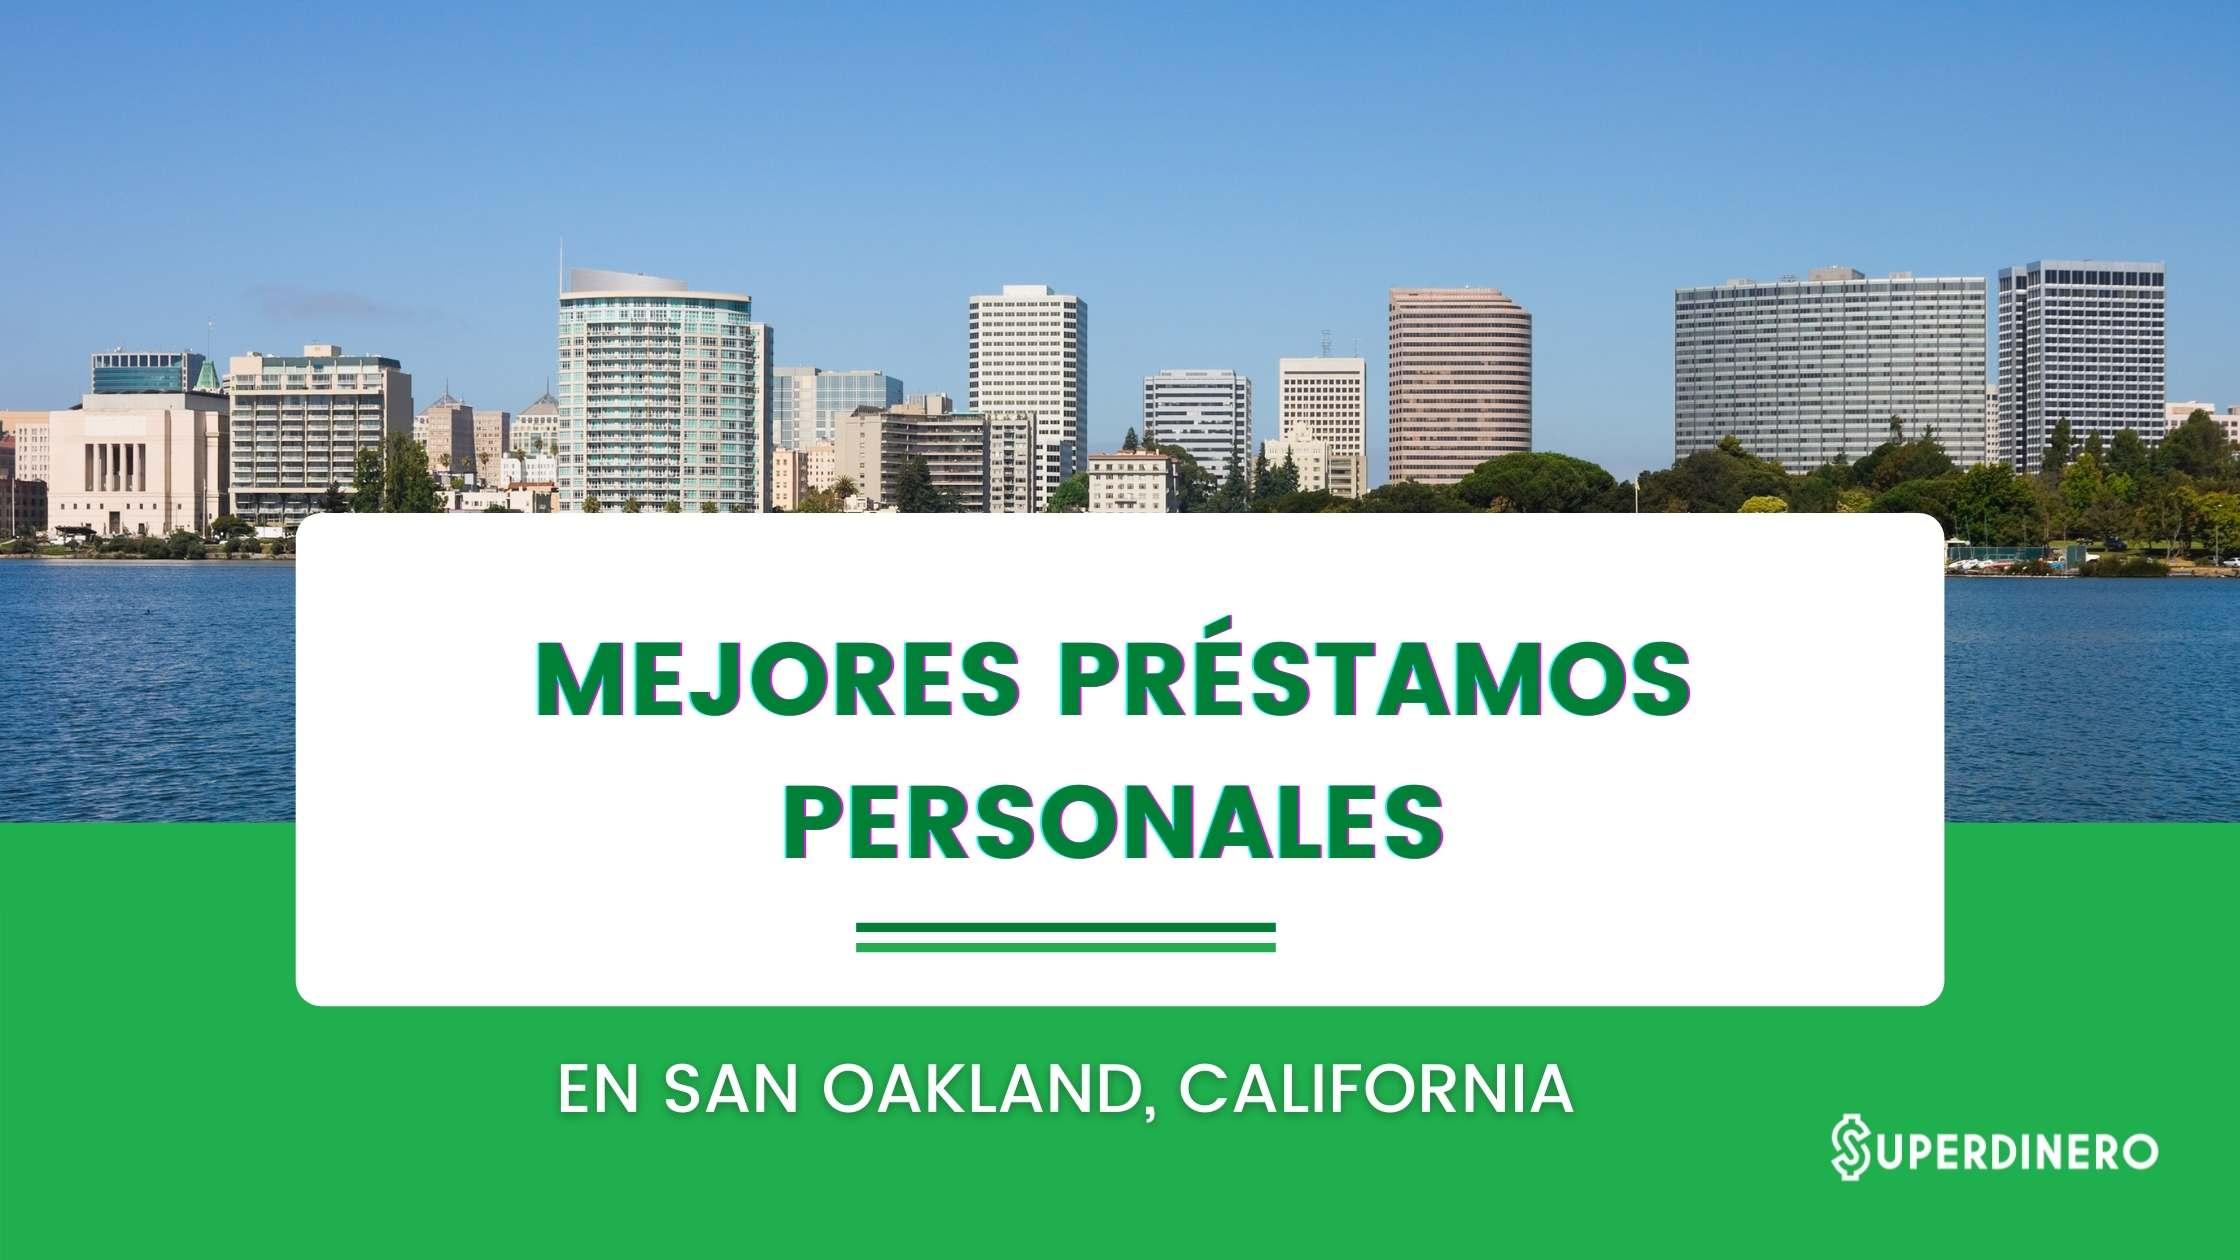 Mejores préstamos personales en Oakland, California